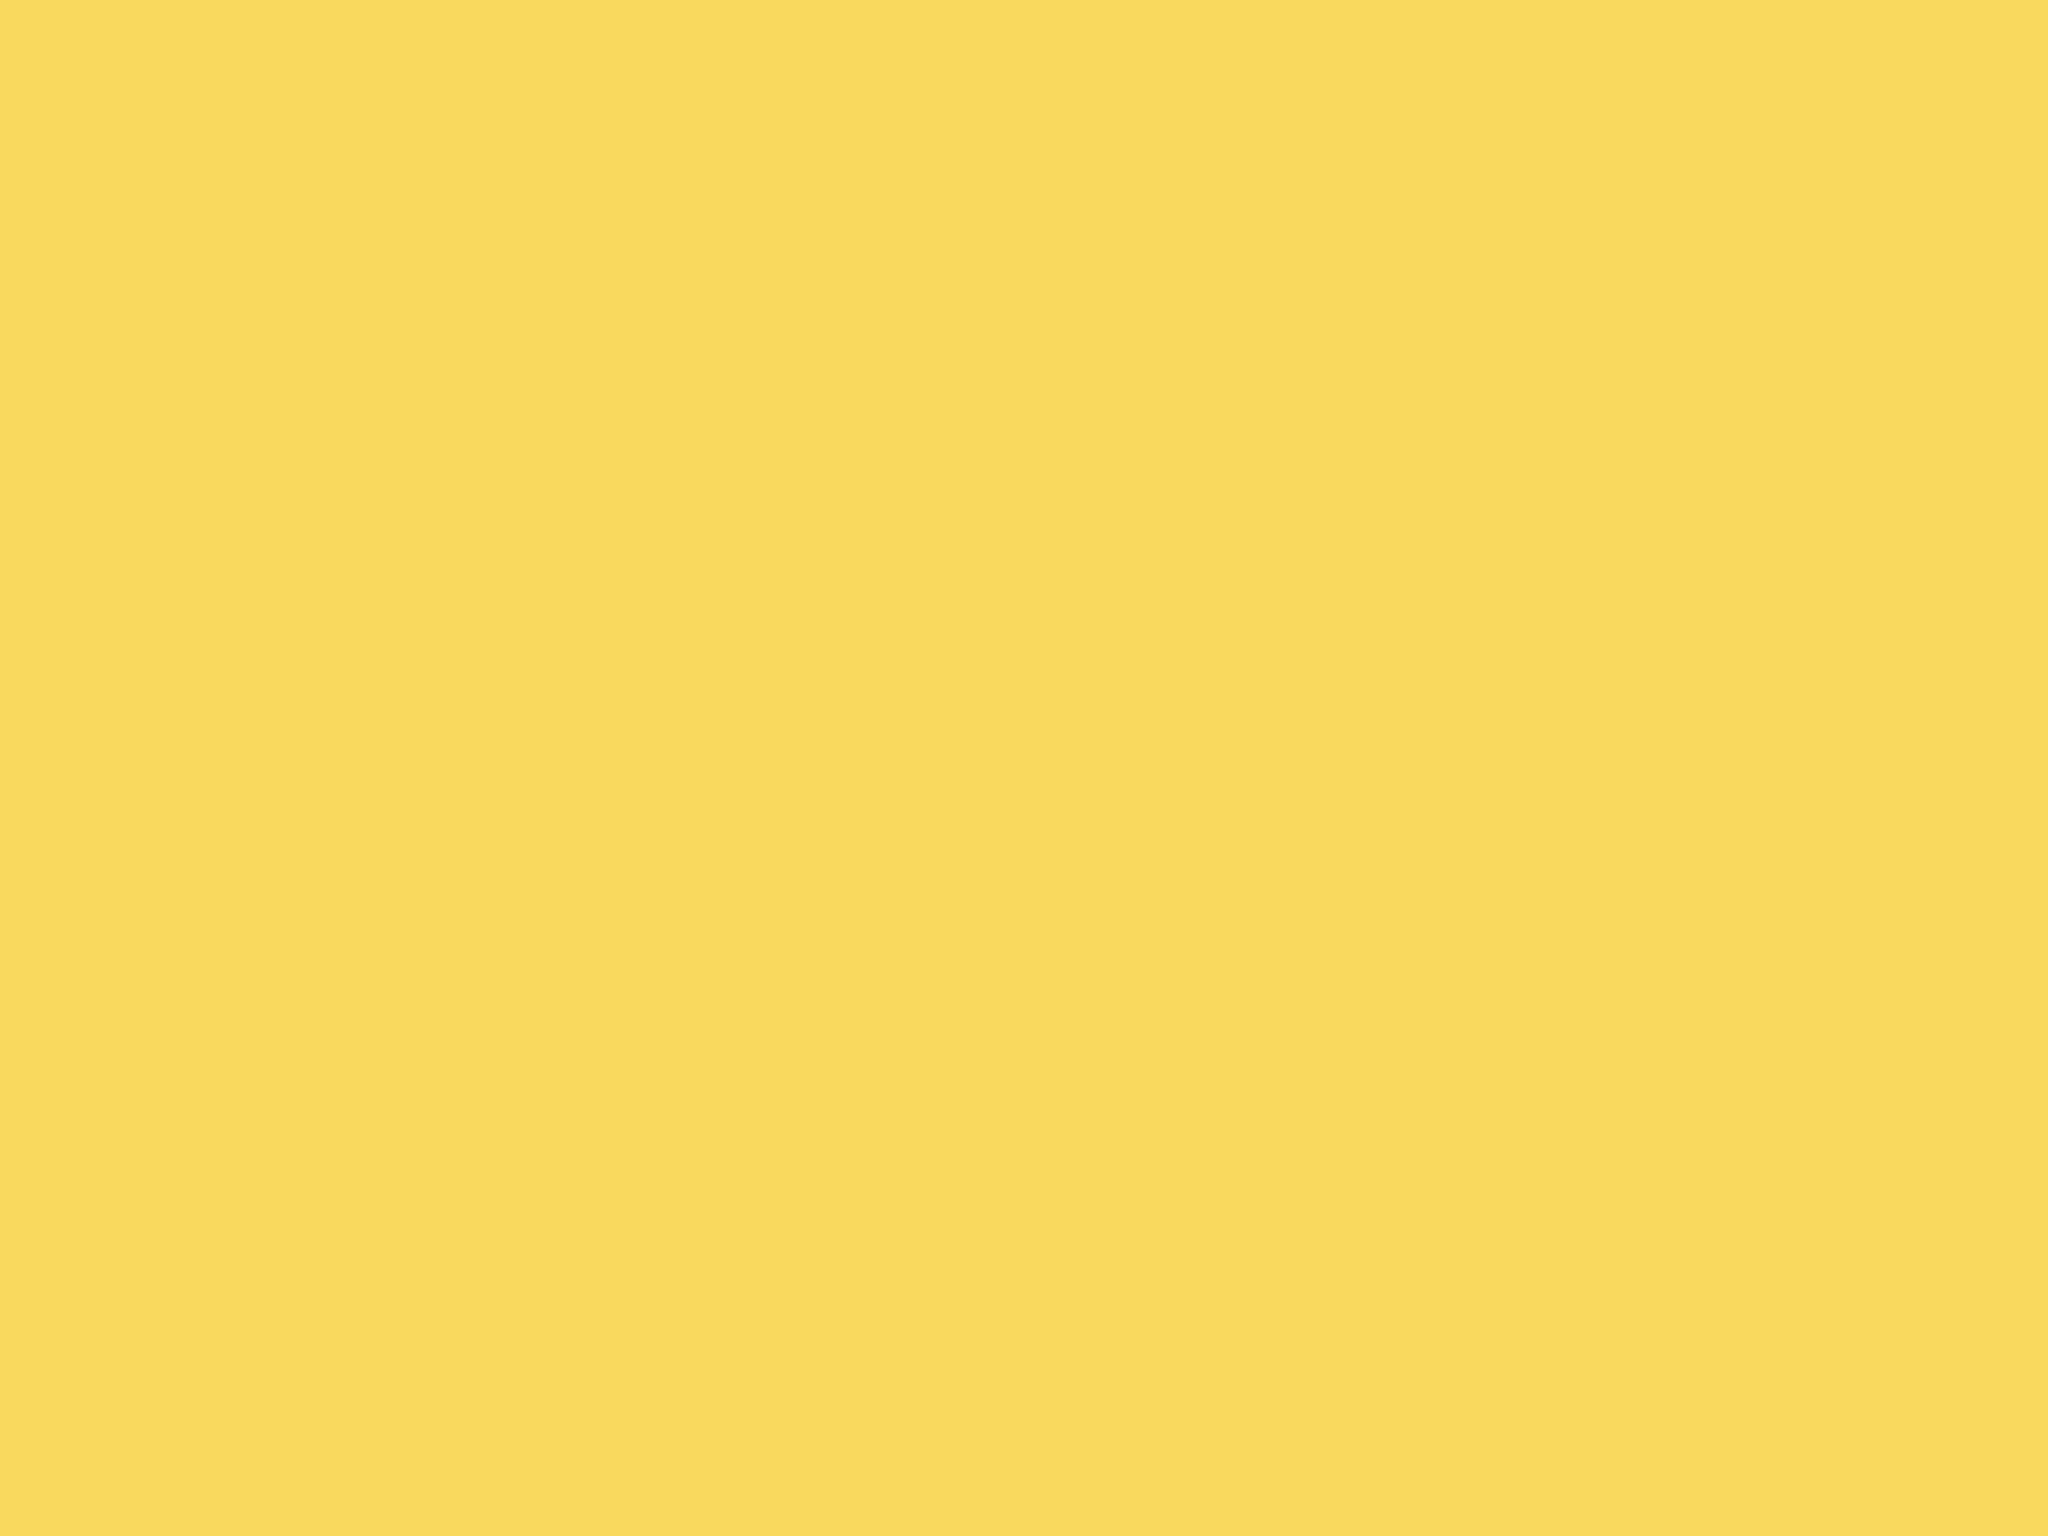 2048x1536 Stil De Grain Yellow Solid Color Background